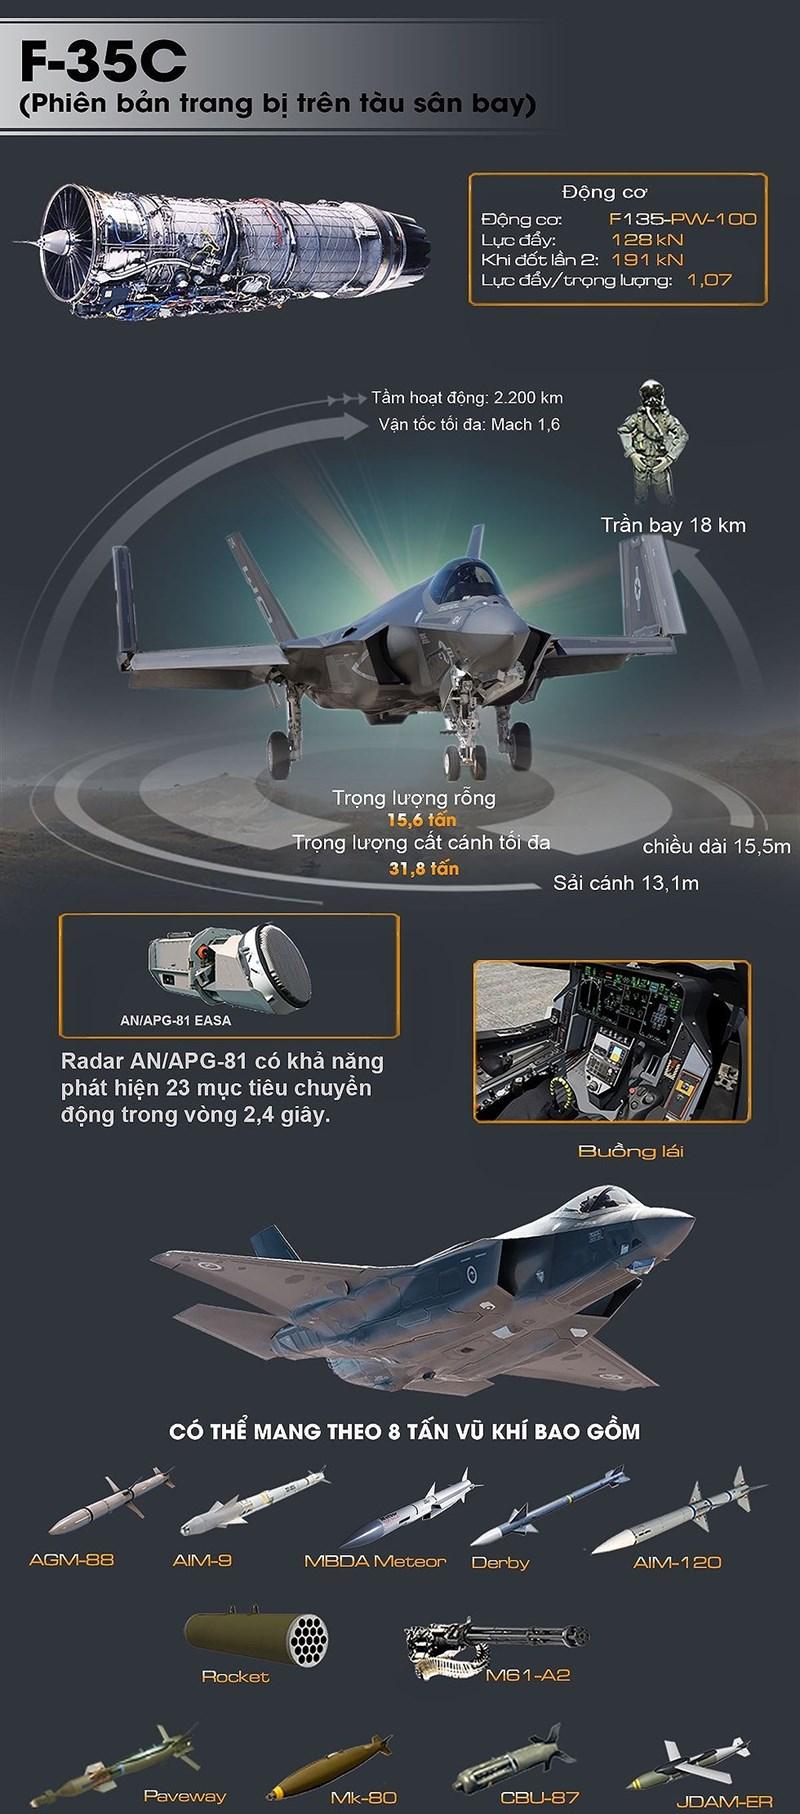 [Infographic] Sau F-35A sẽ đến lượt F-35C tung đòn hủy diệt tại Trung Đông - Ảnh 1